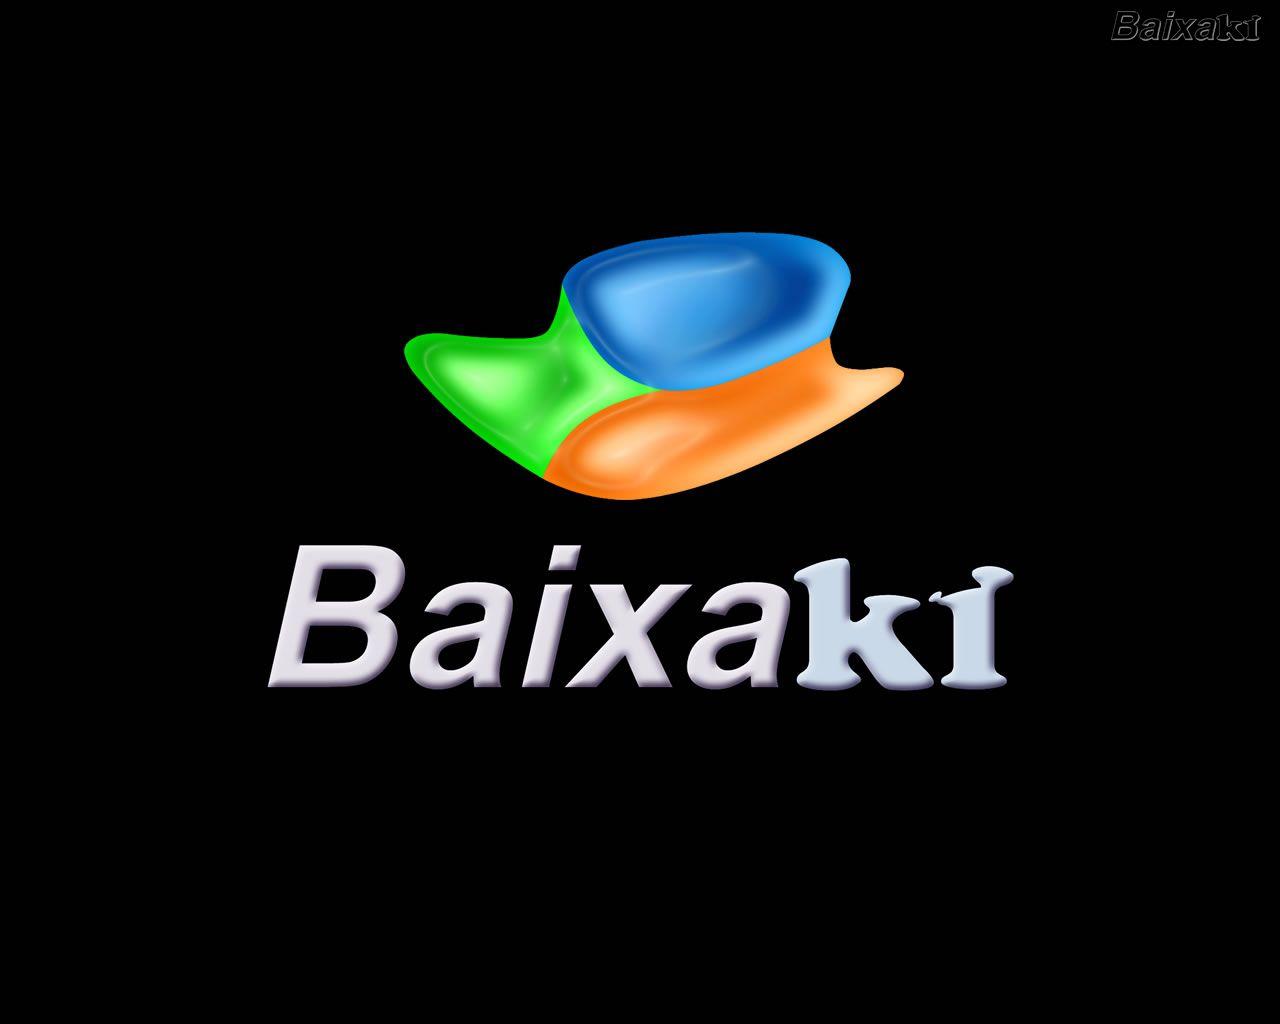 Baixaki programas para fazer videos com fotos 88